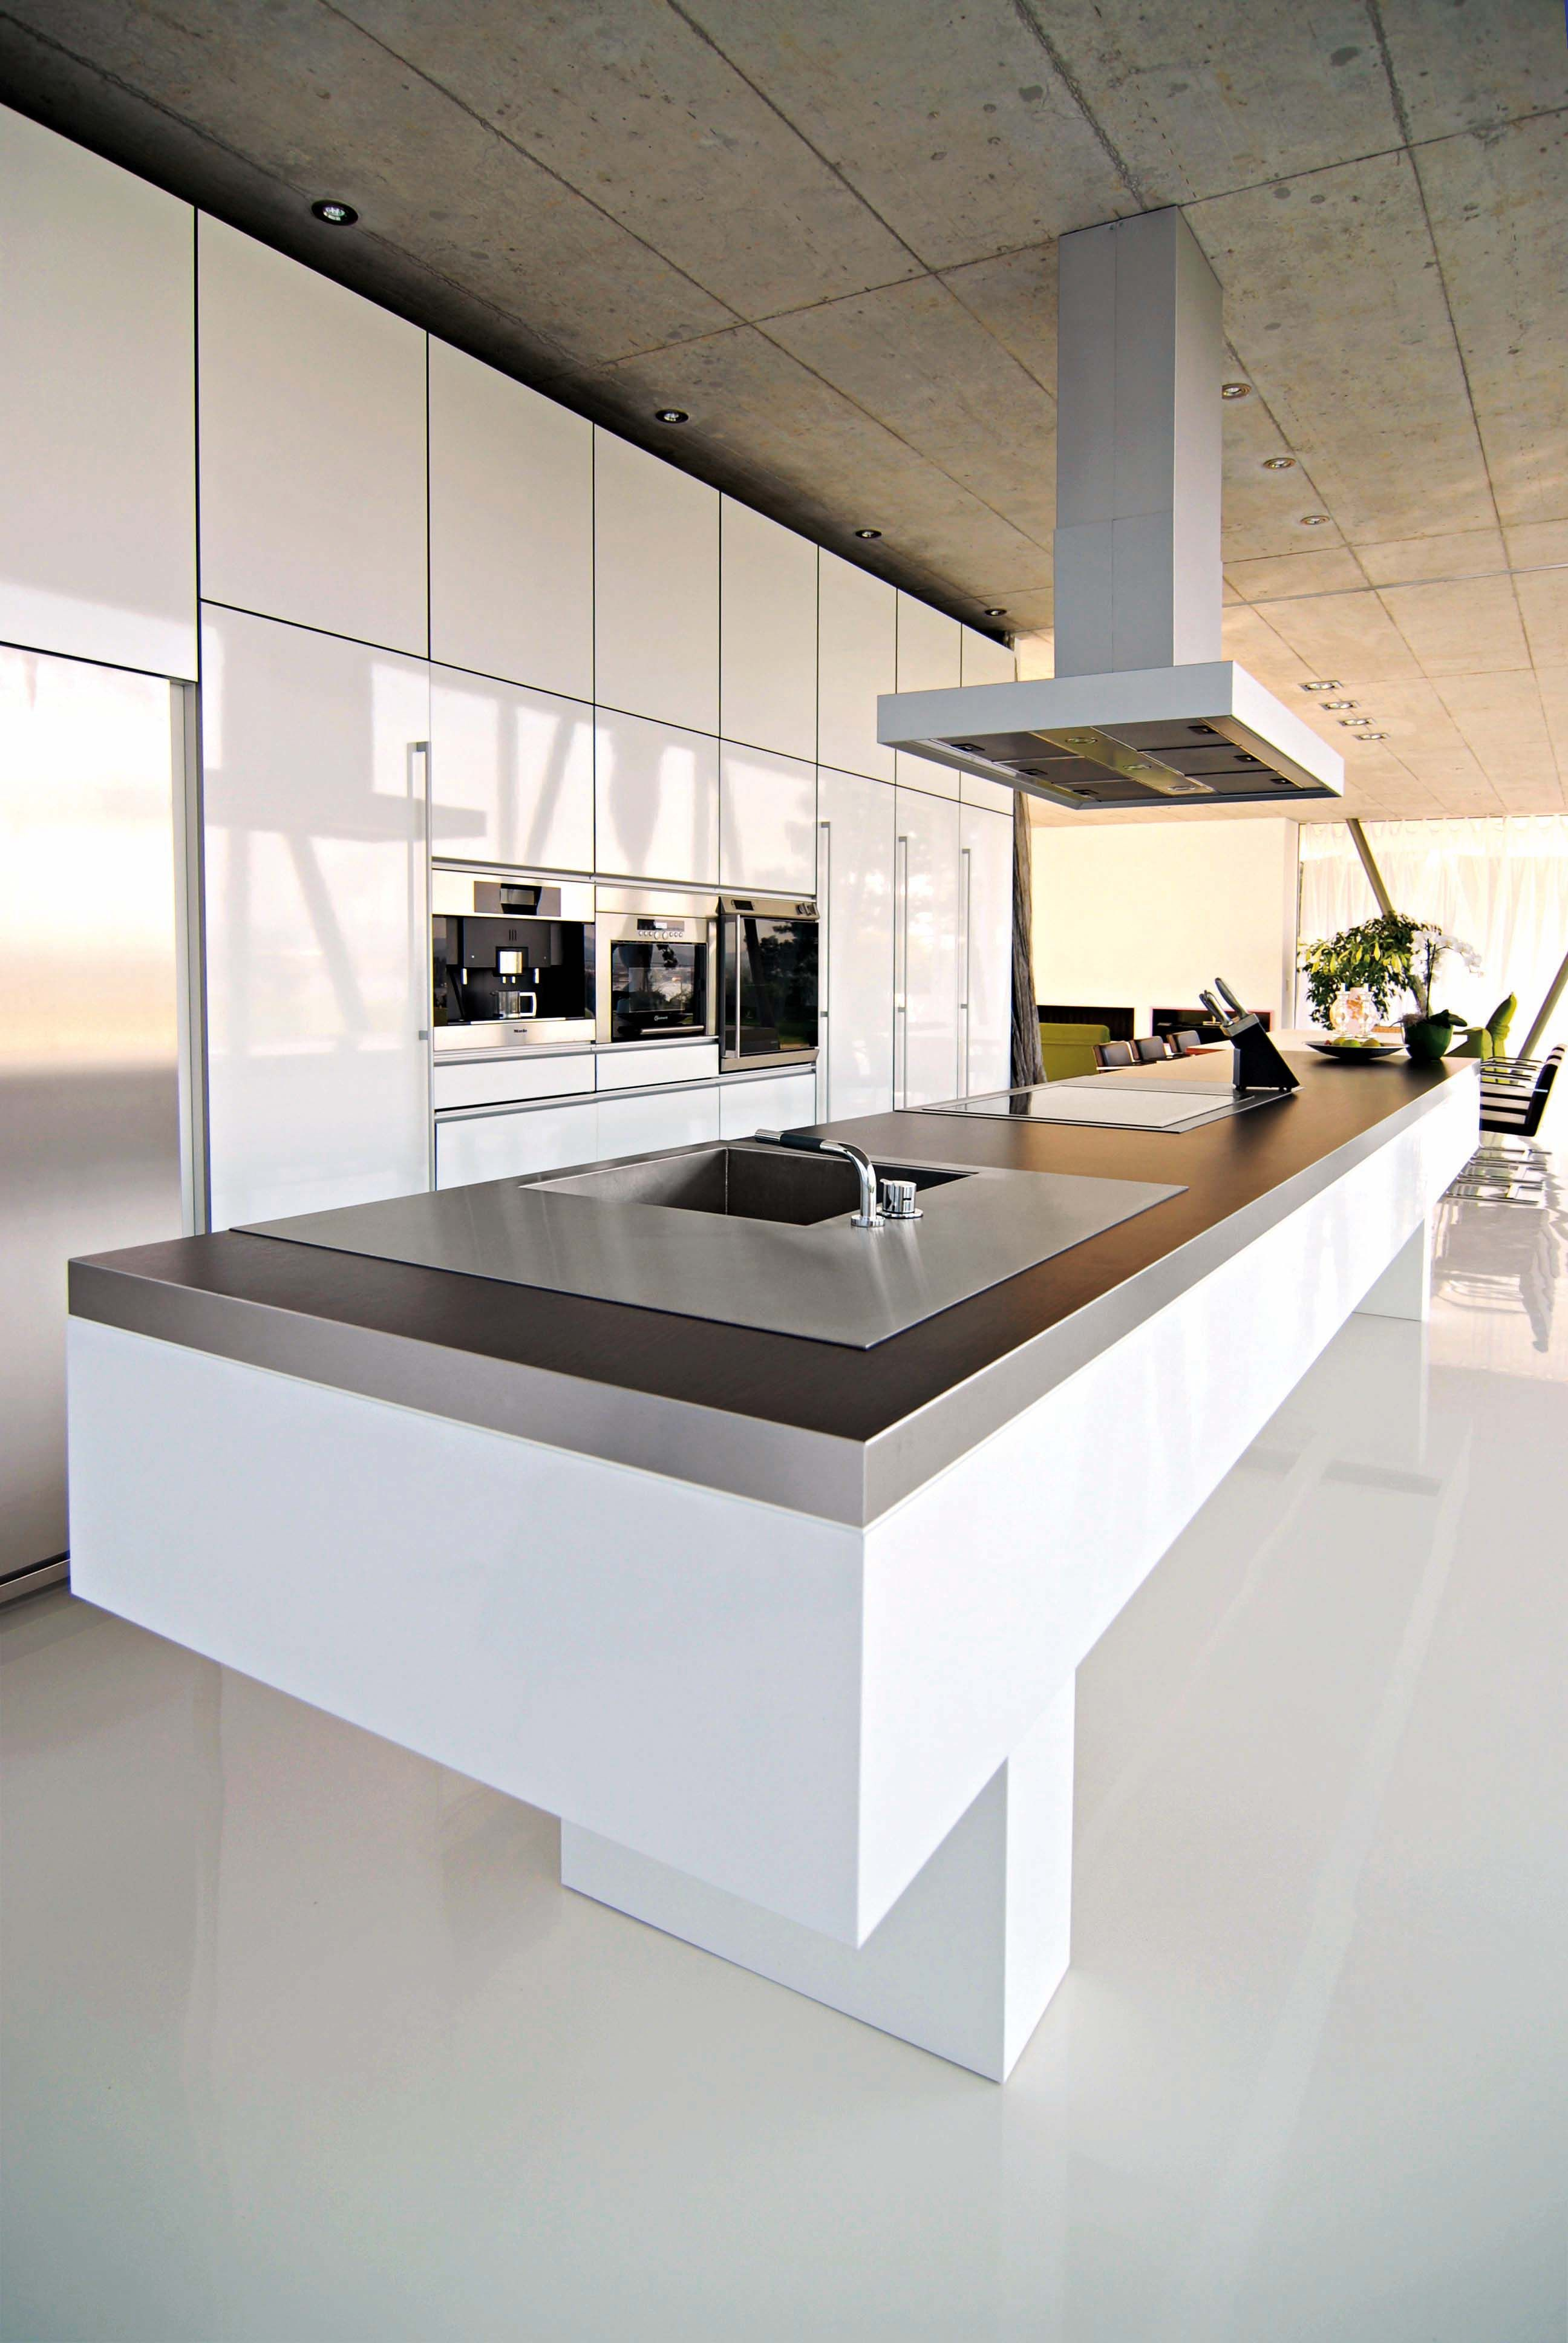 Ideen für küchenideen decke aus sichtbeton  küchen  pinterest  moderne küche küchen